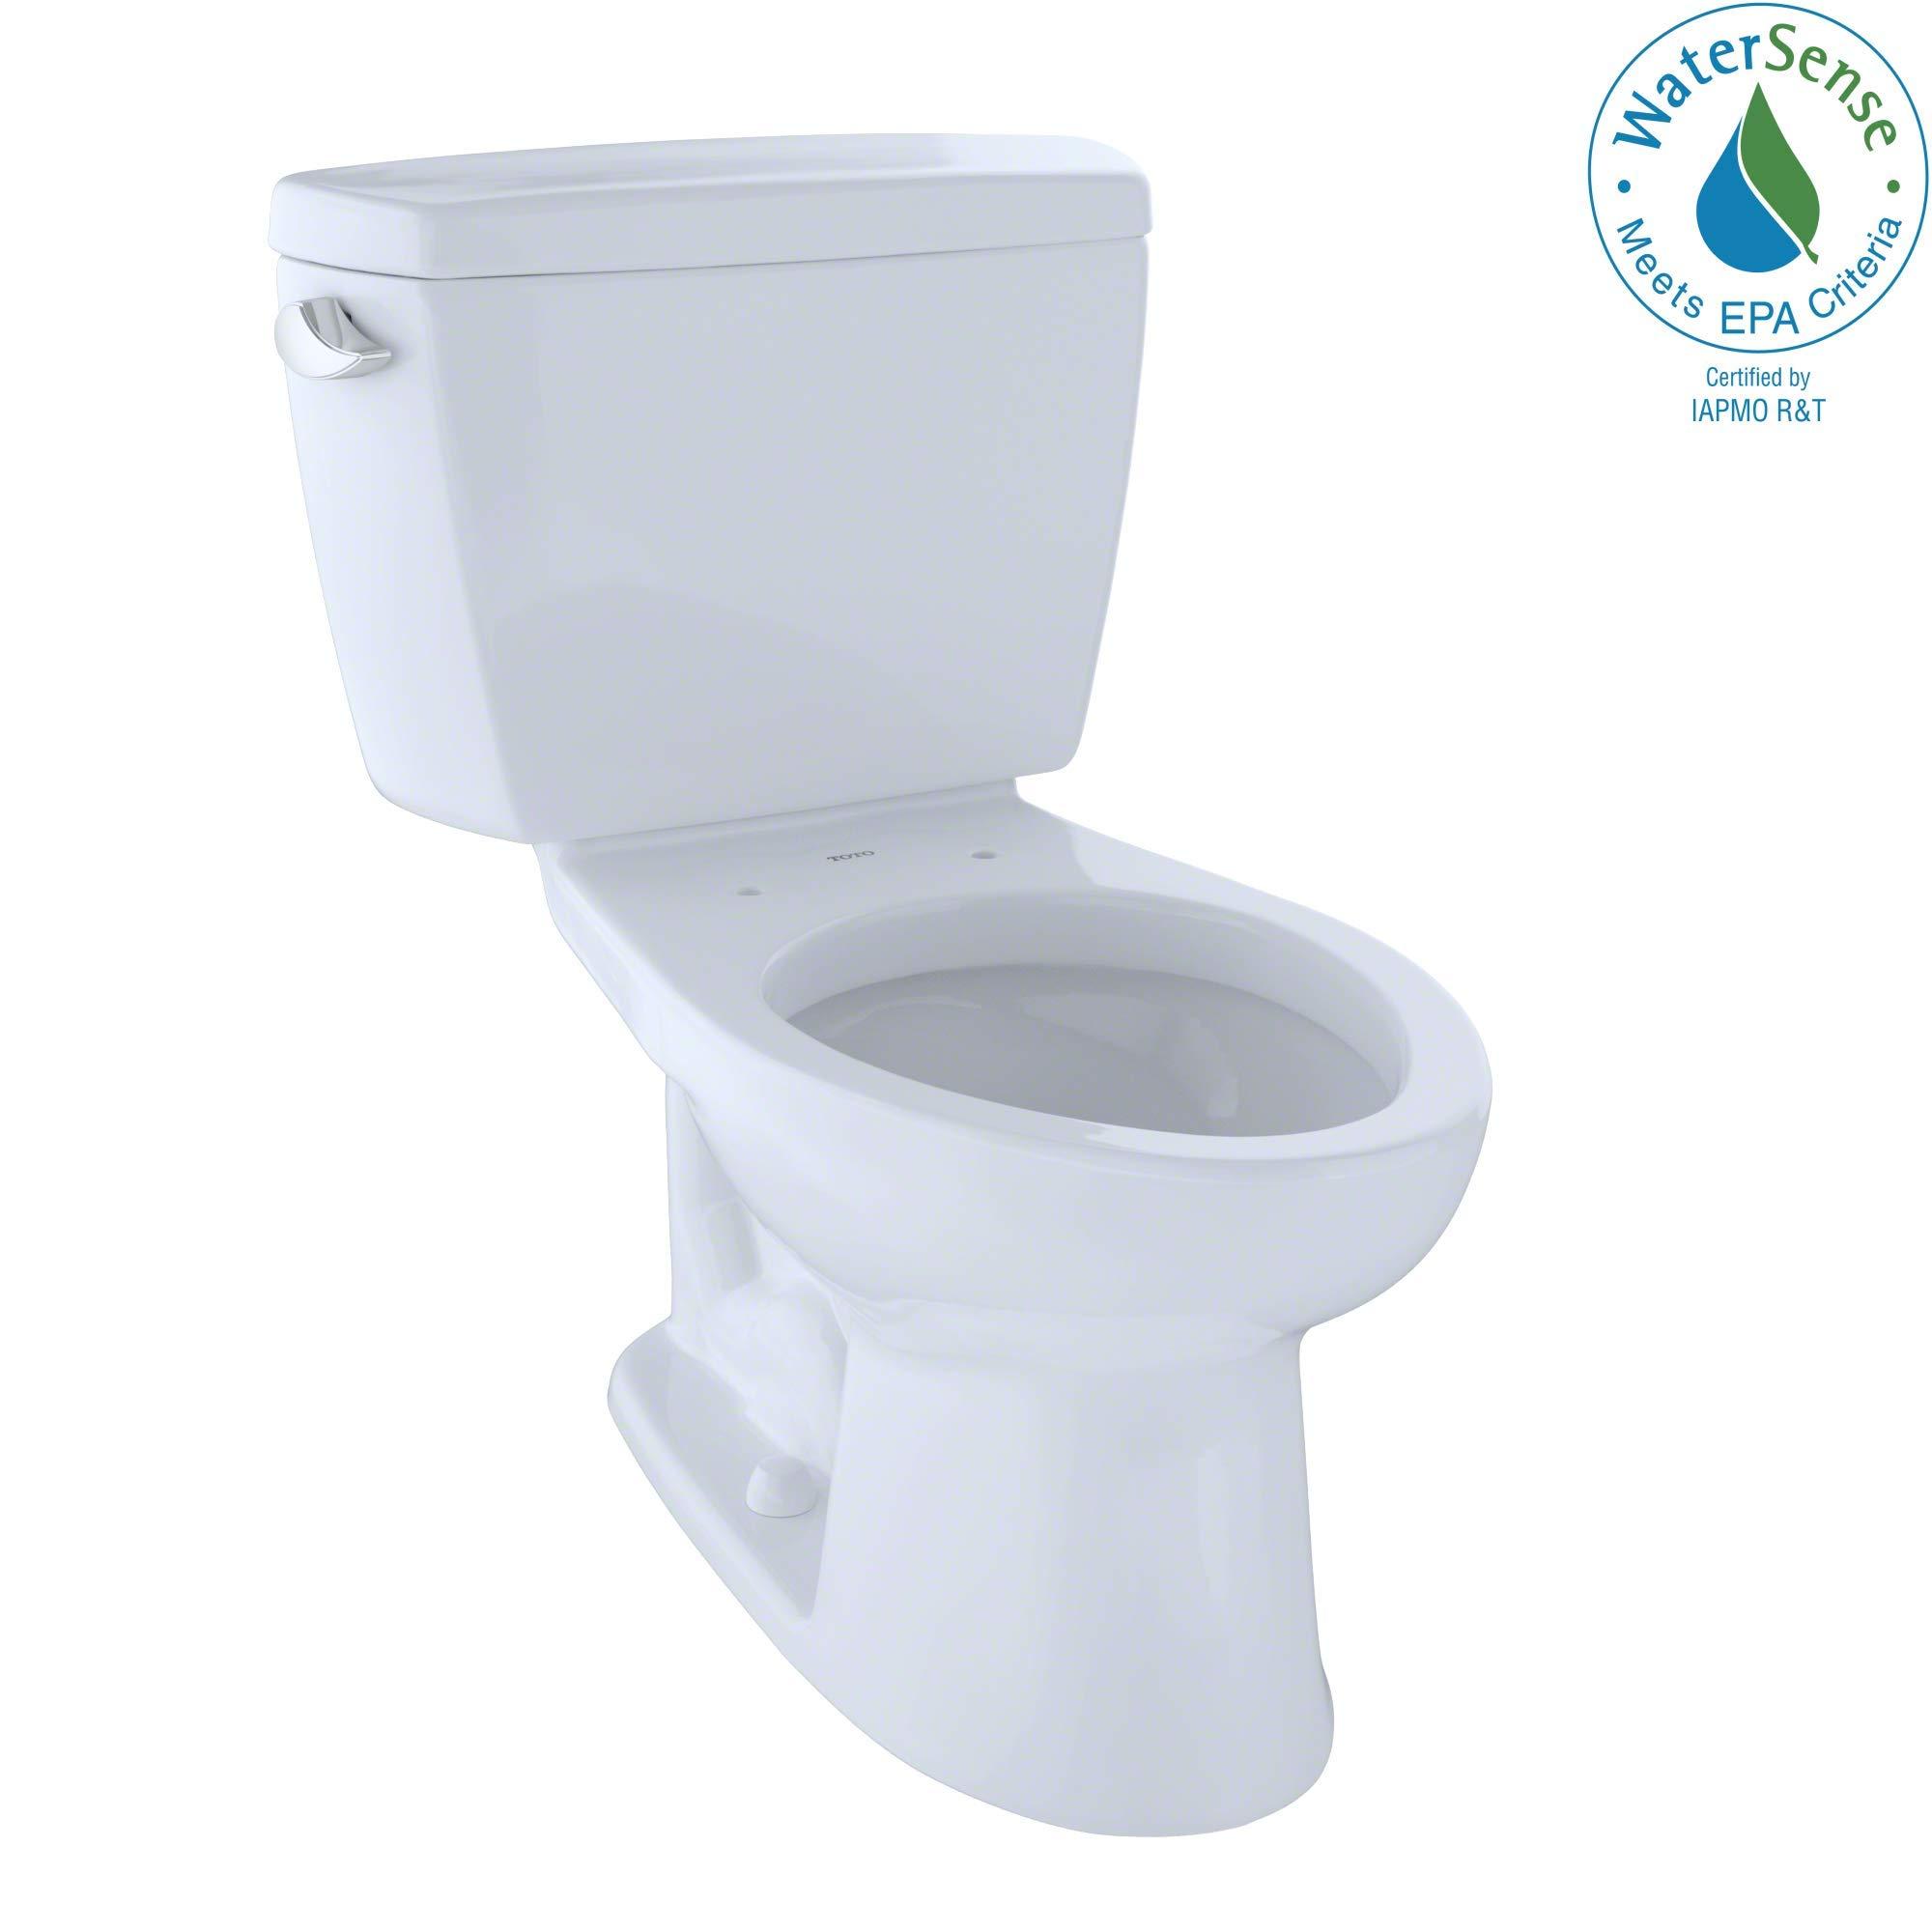 TOTO CST744E#01 Eco Drake Two-Piece Elongated 1.28 GPF Toilet, Cotton White by TOTO